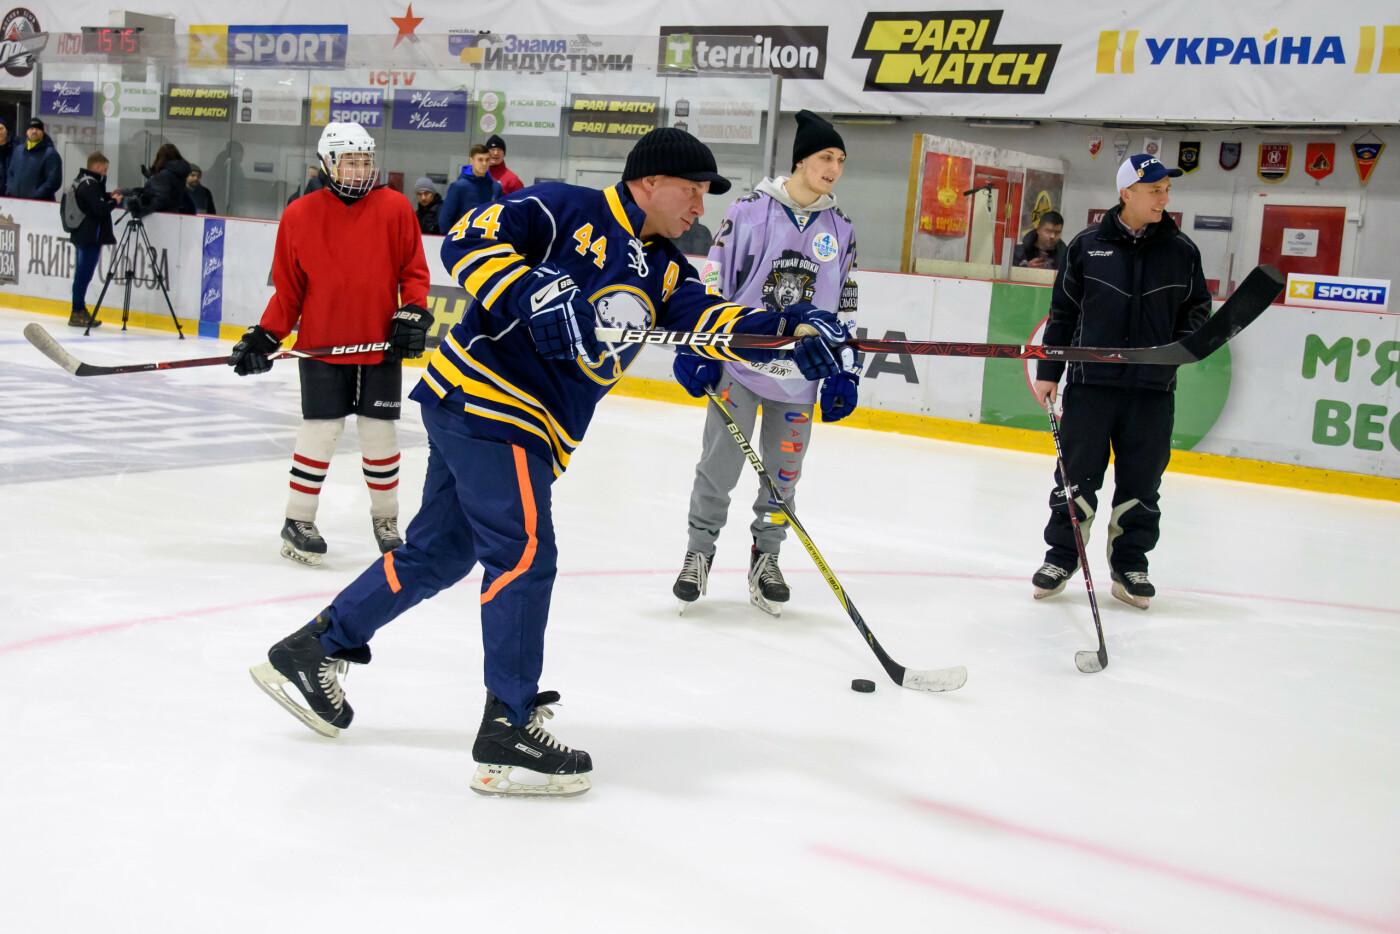 Дружковка: На ледовой арене «Альтаир» звёзды хоккея провели тренировку и мастер-классы для всех желающих (ФОТО), фото-1